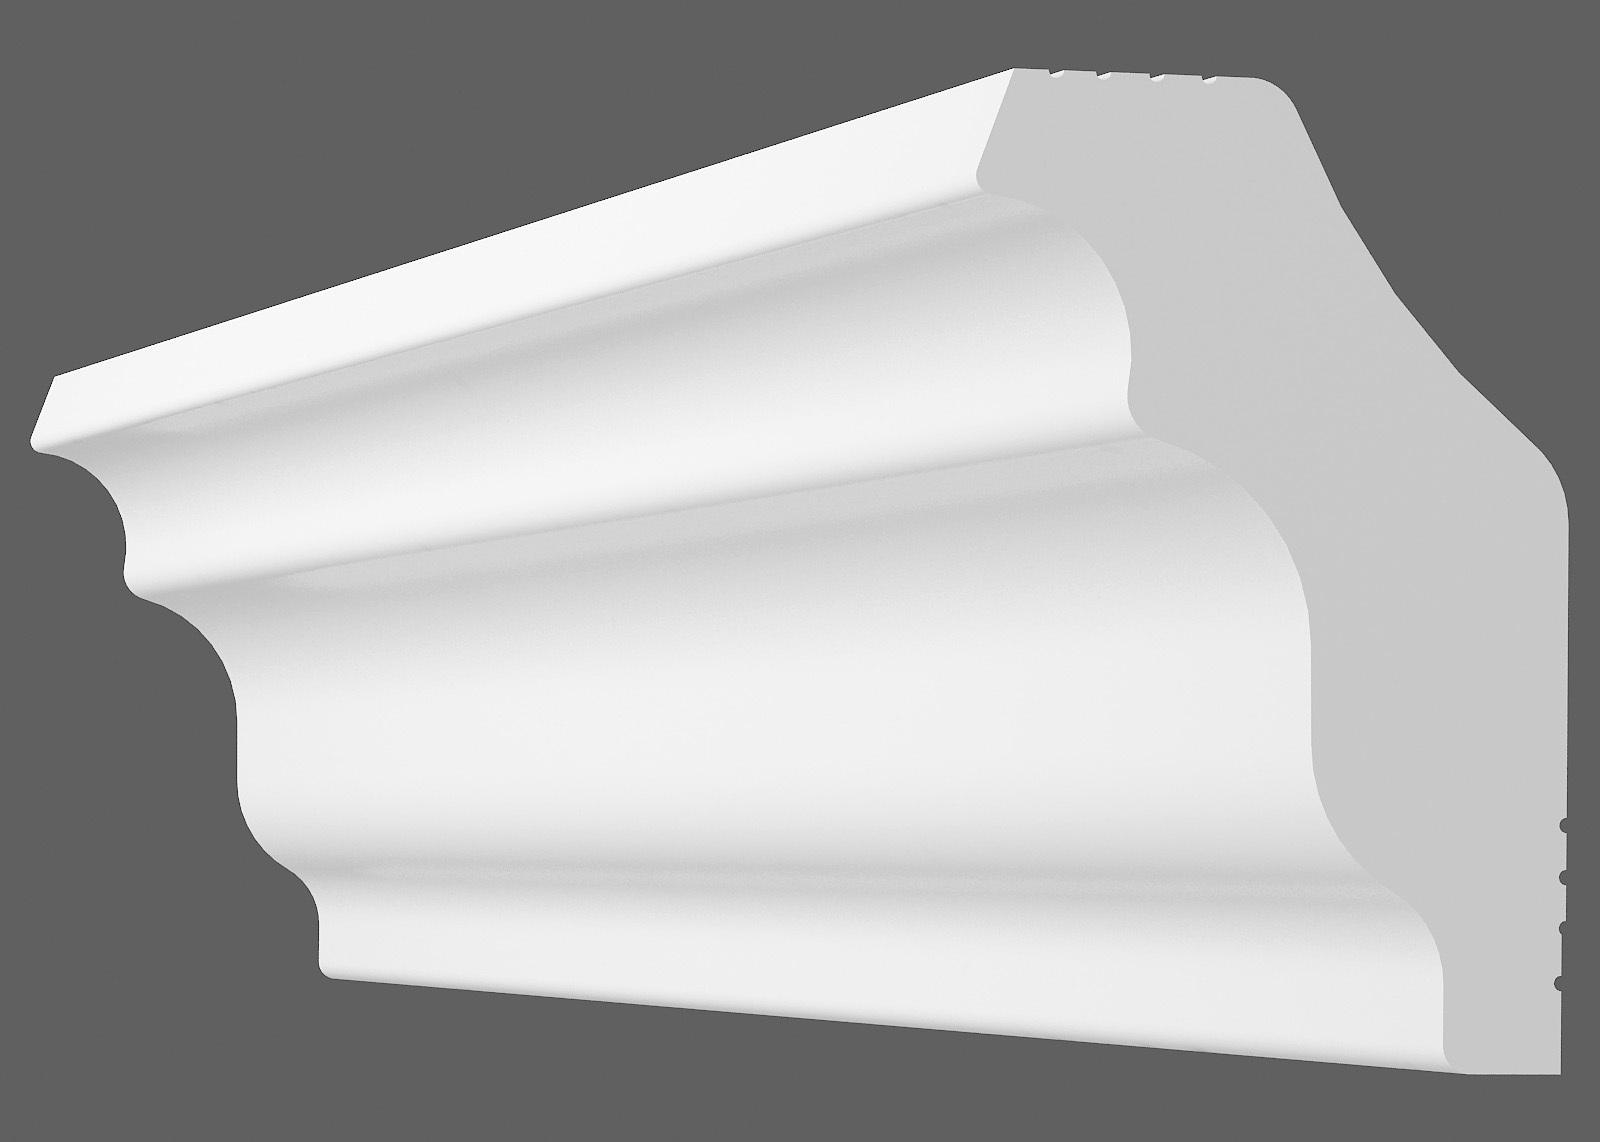 Потолочный плинтус M-35 (Размер:30х30мм)